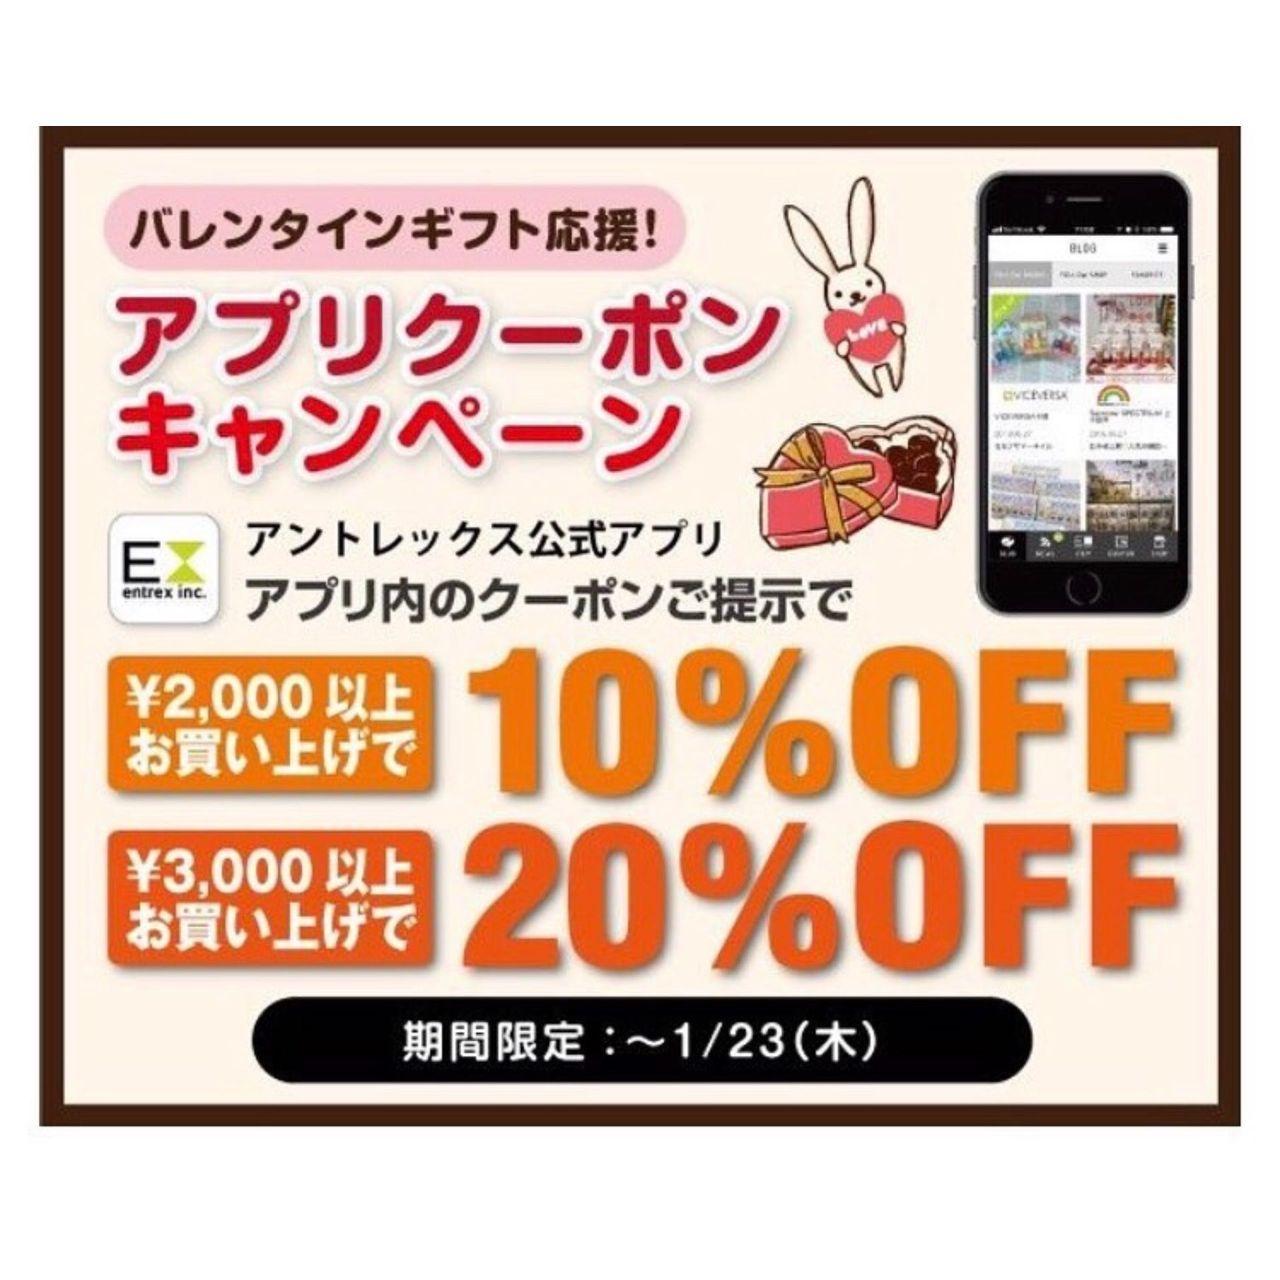 「アプリクーポンキャンペーン☆」の写真